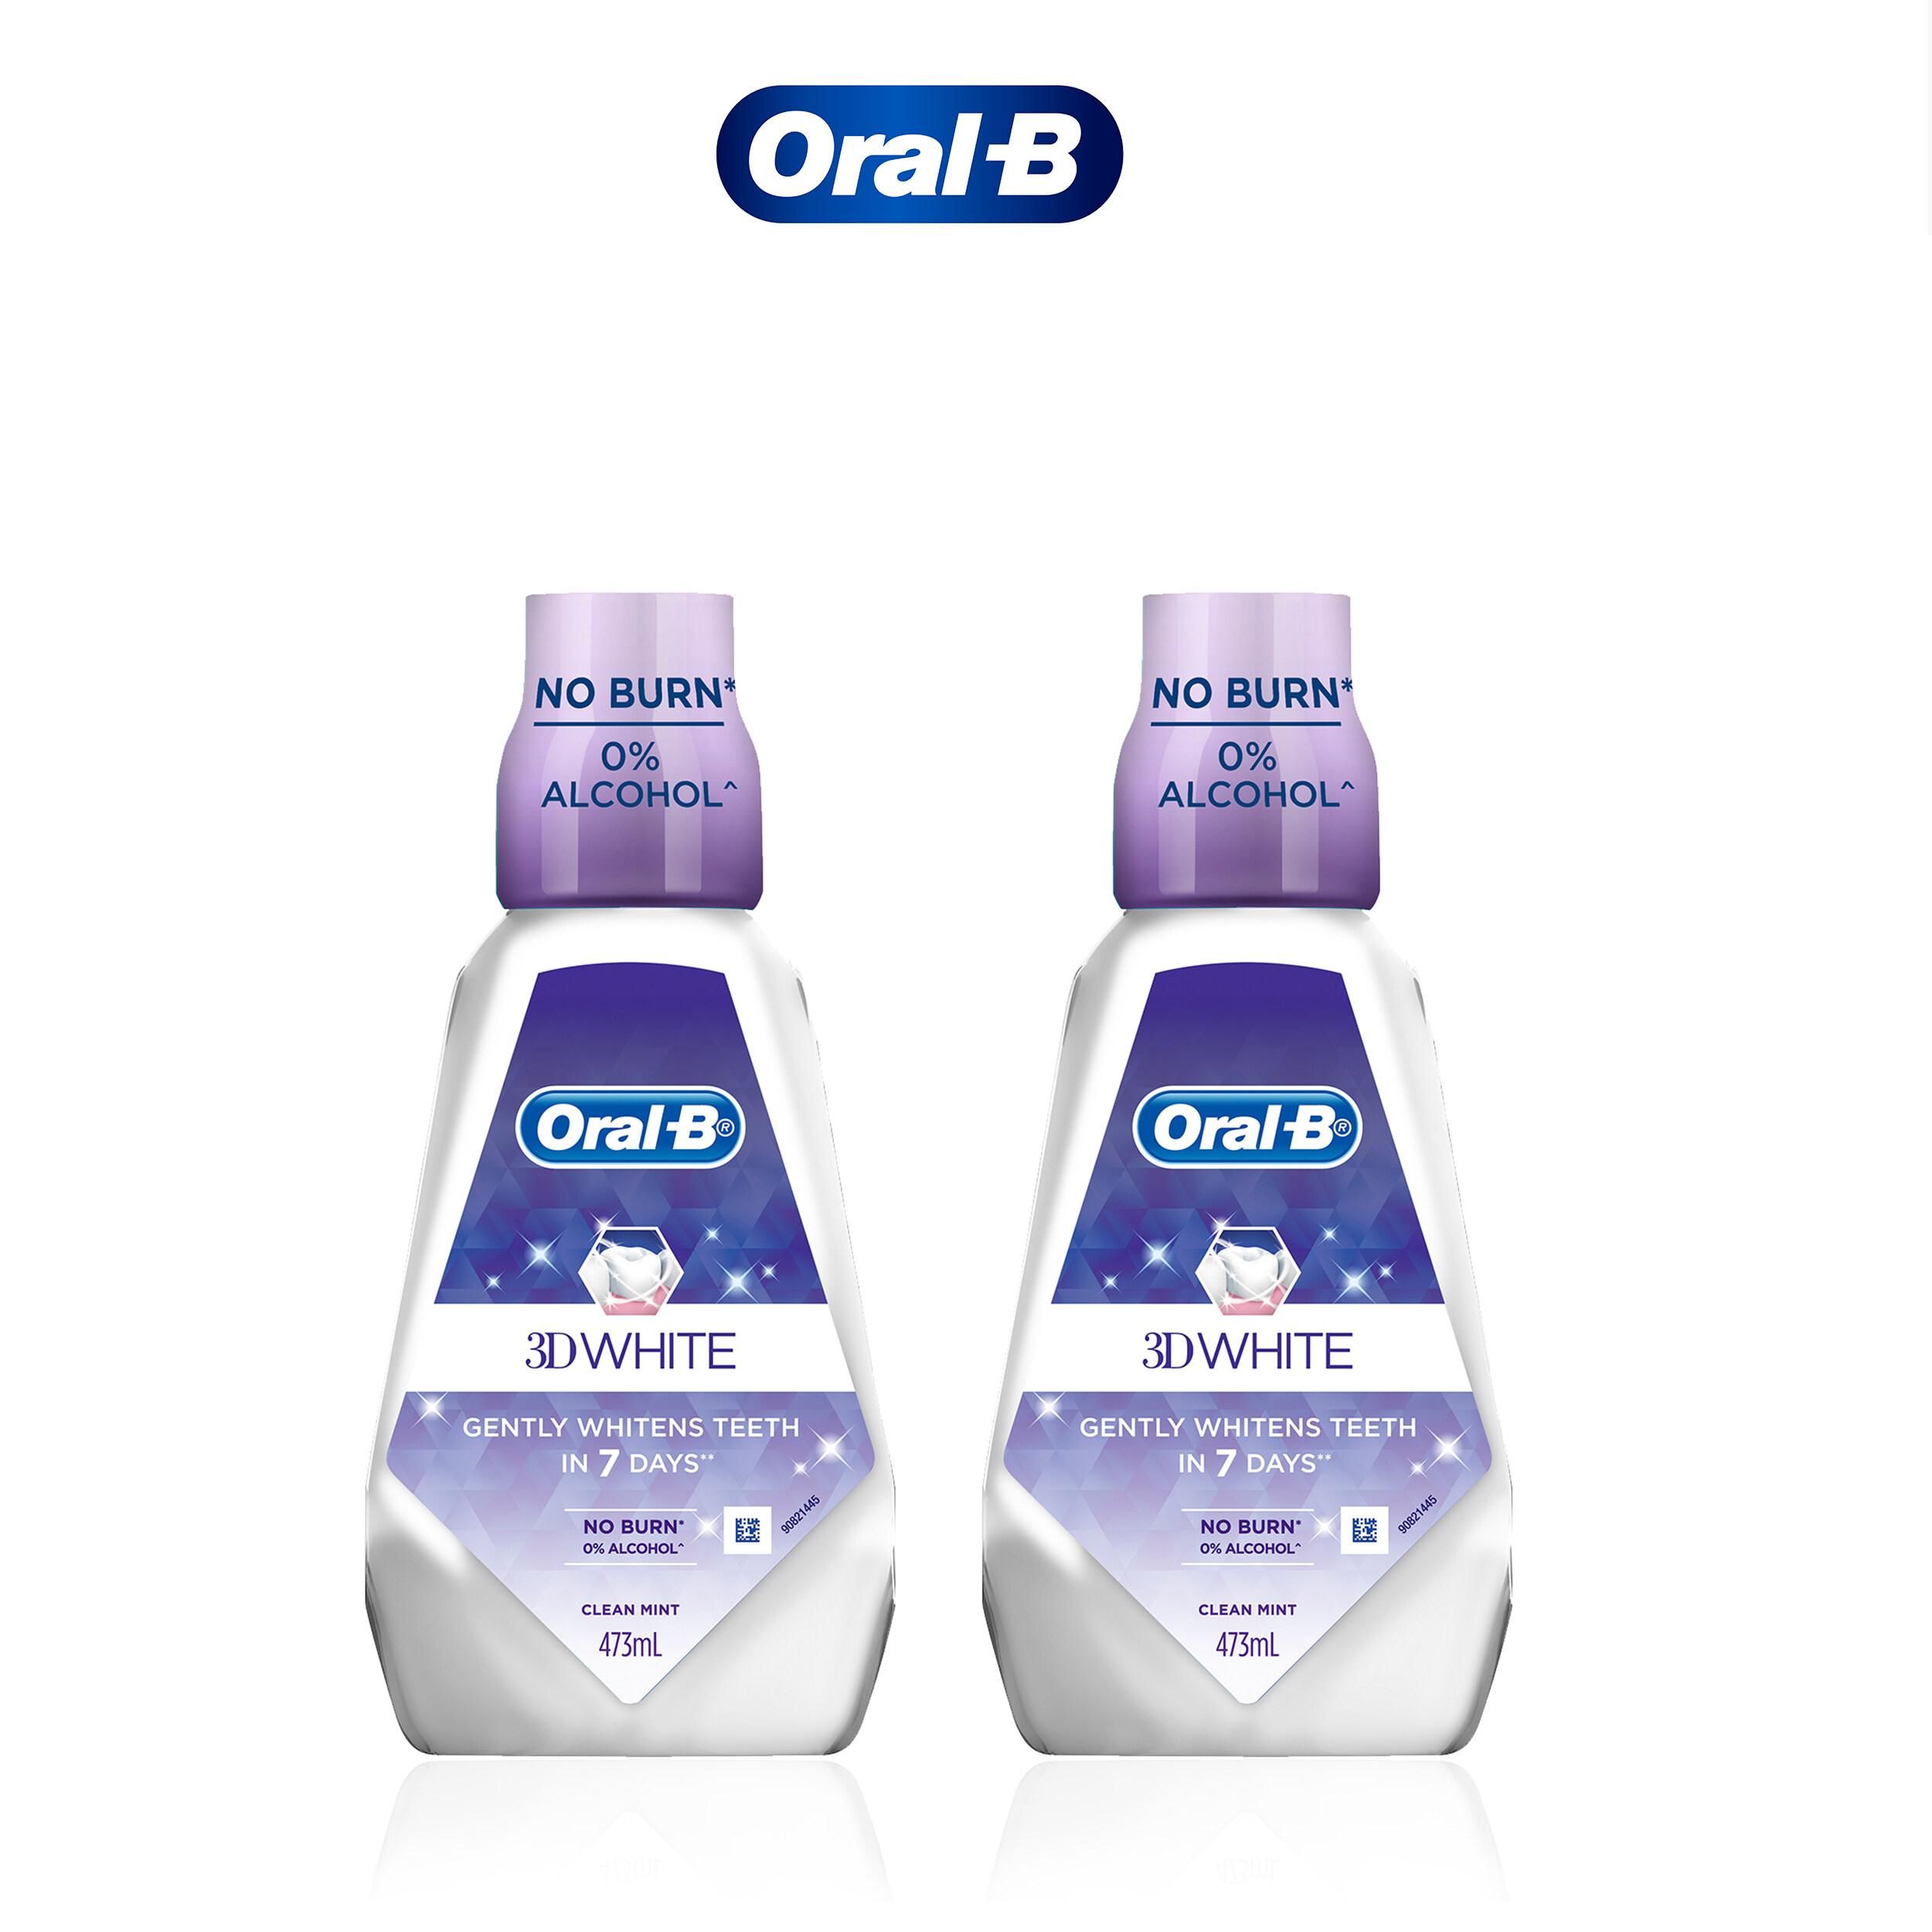 Oral-B 3D White Mouthwash Bundle Pack (473ml x 2)